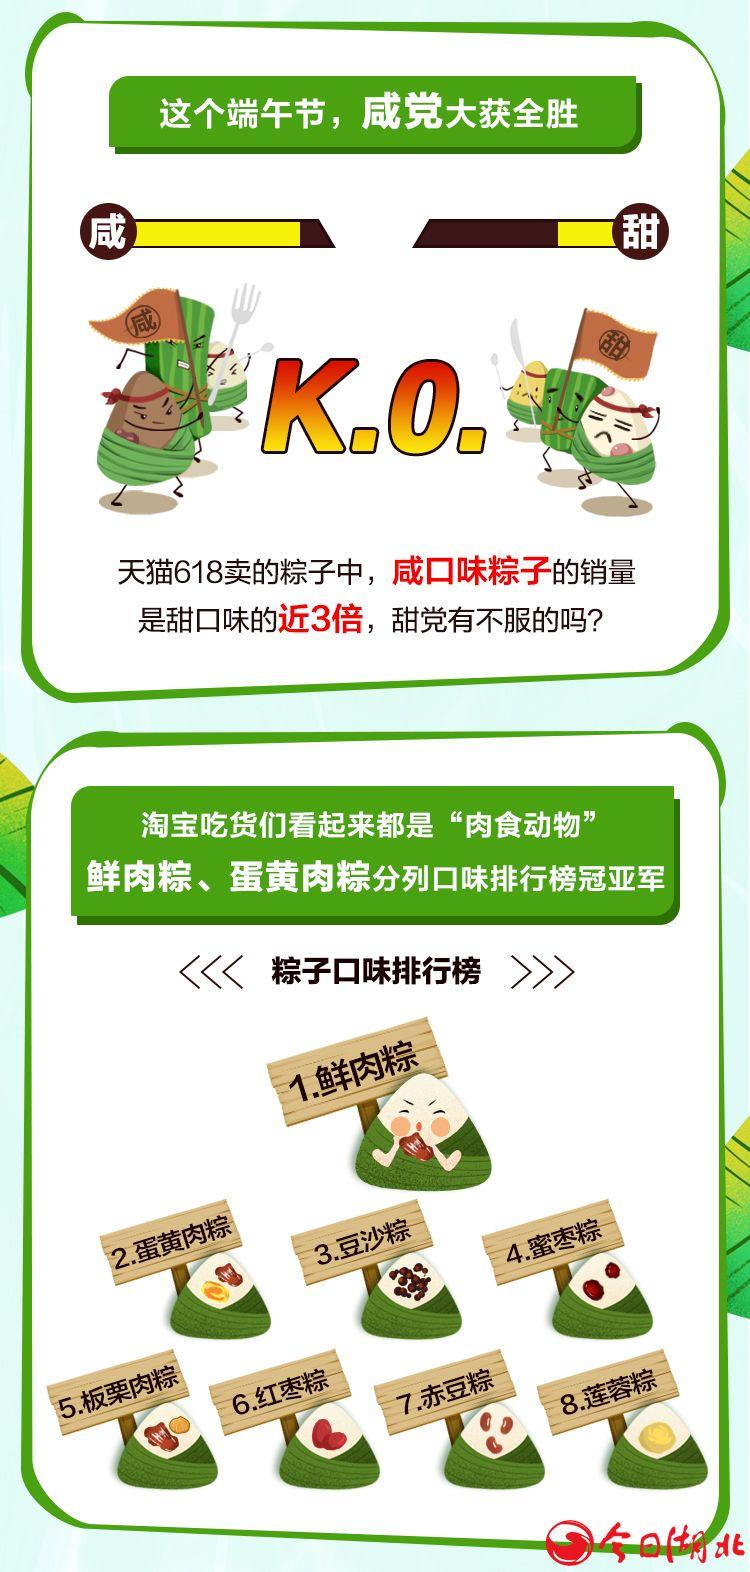 """端午節遇上天貓618:吃貨買走1.23億只粽子 """"咸黨""""大獲全勝2.jpg"""